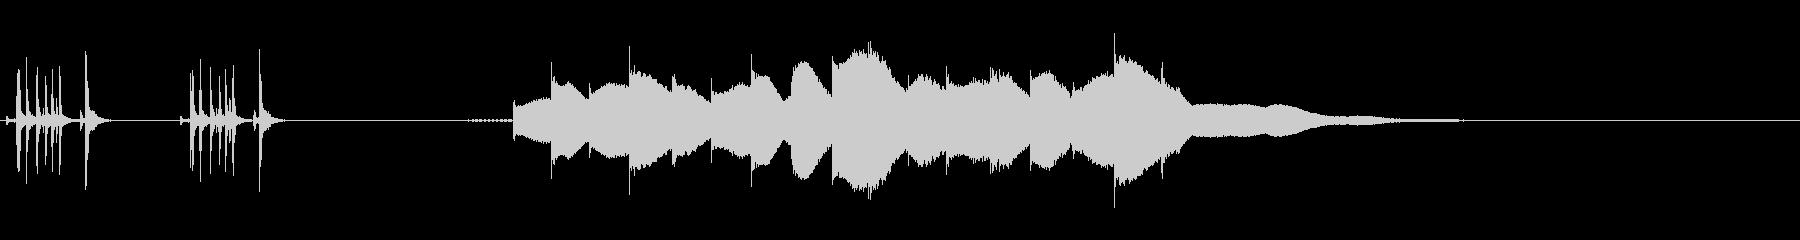 ジングル用オルゴール楽曲08-1の未再生の波形